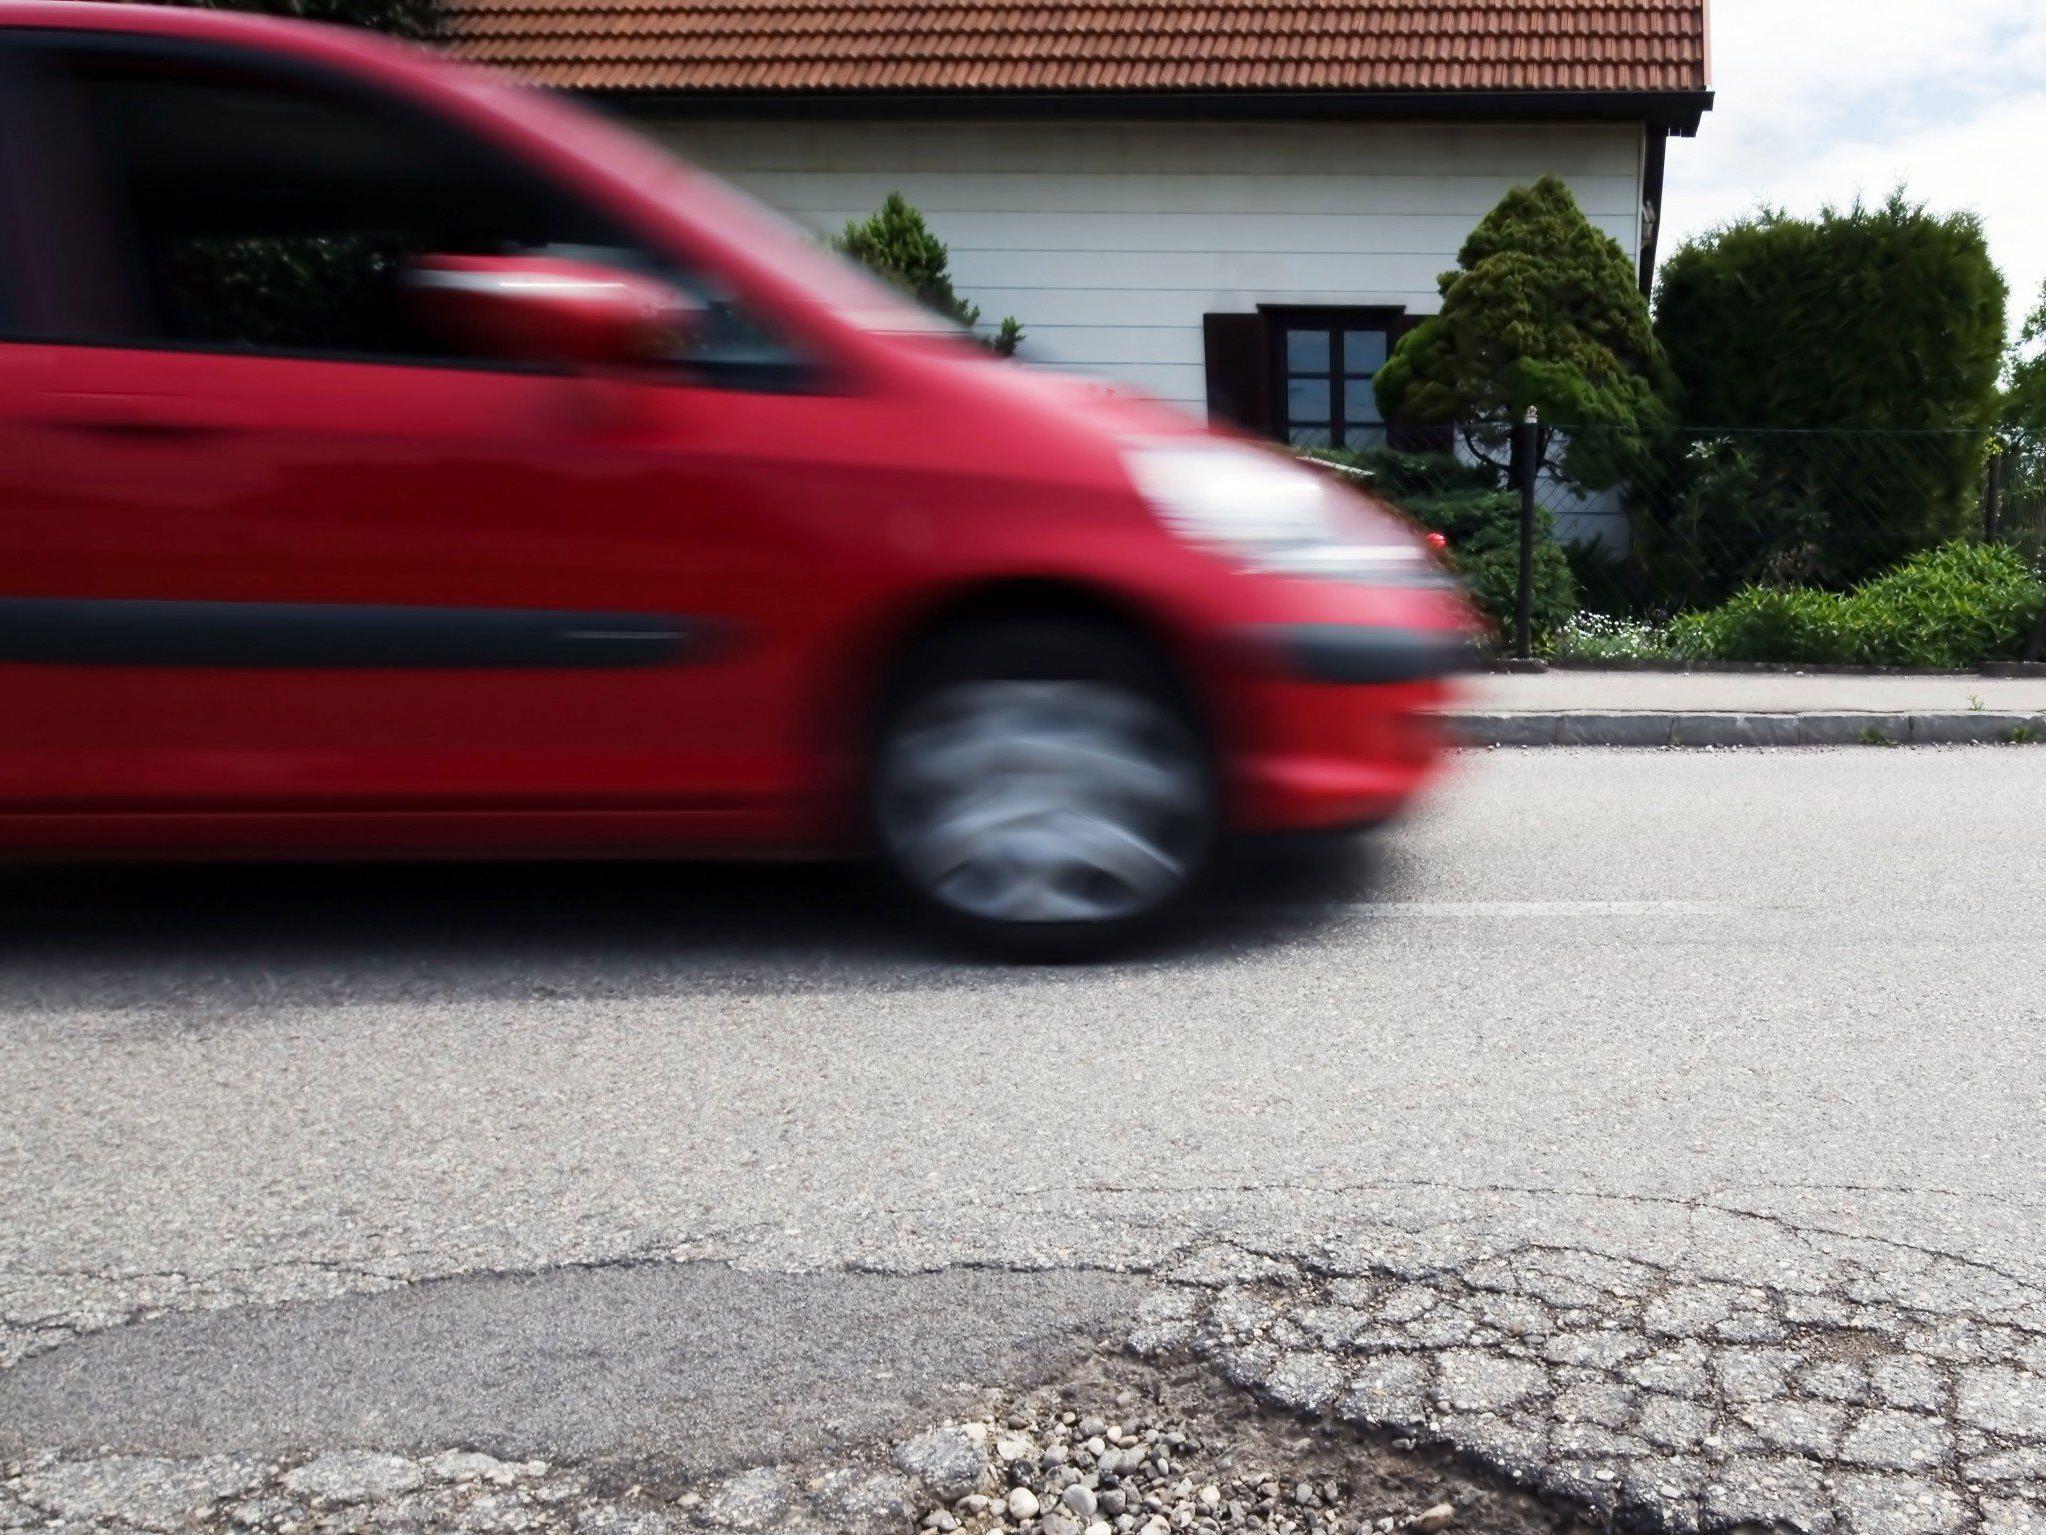 Vorbeifahrende Autos konnten noch rechtzeitig bremsen.